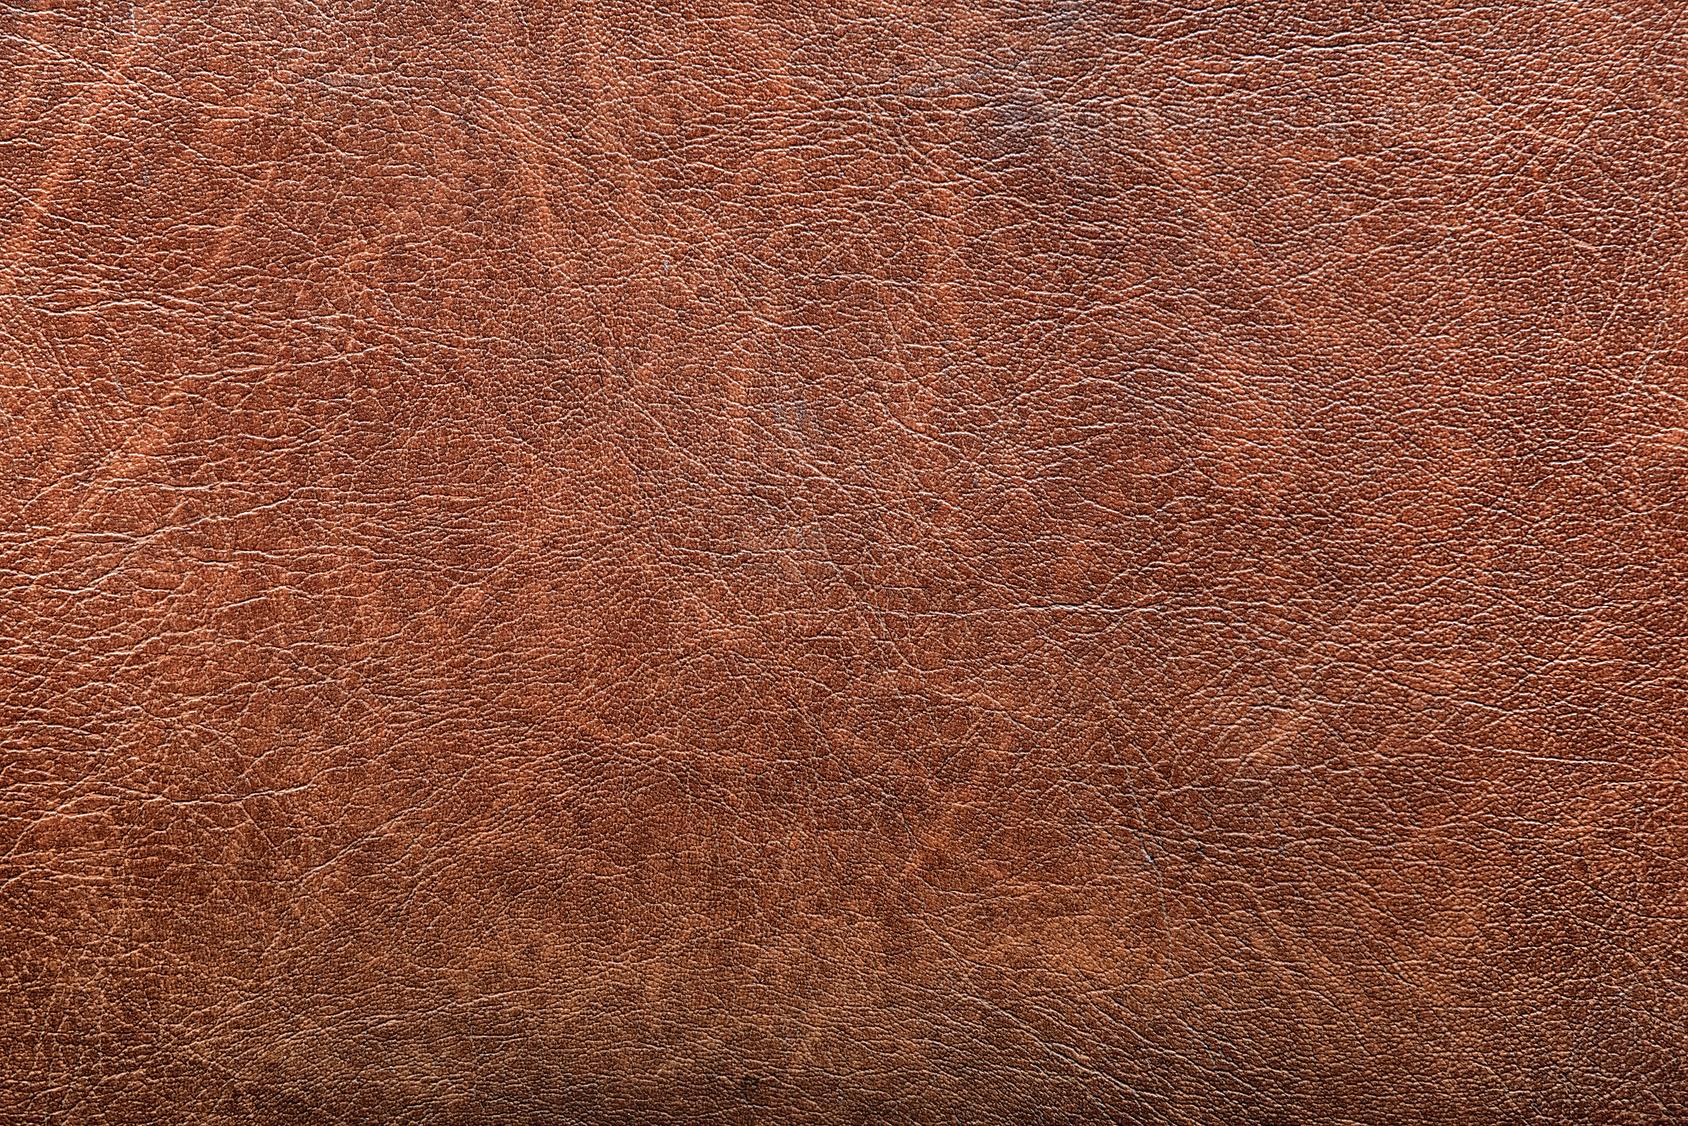 Comment nettoyer une tache sur un canap en cuir